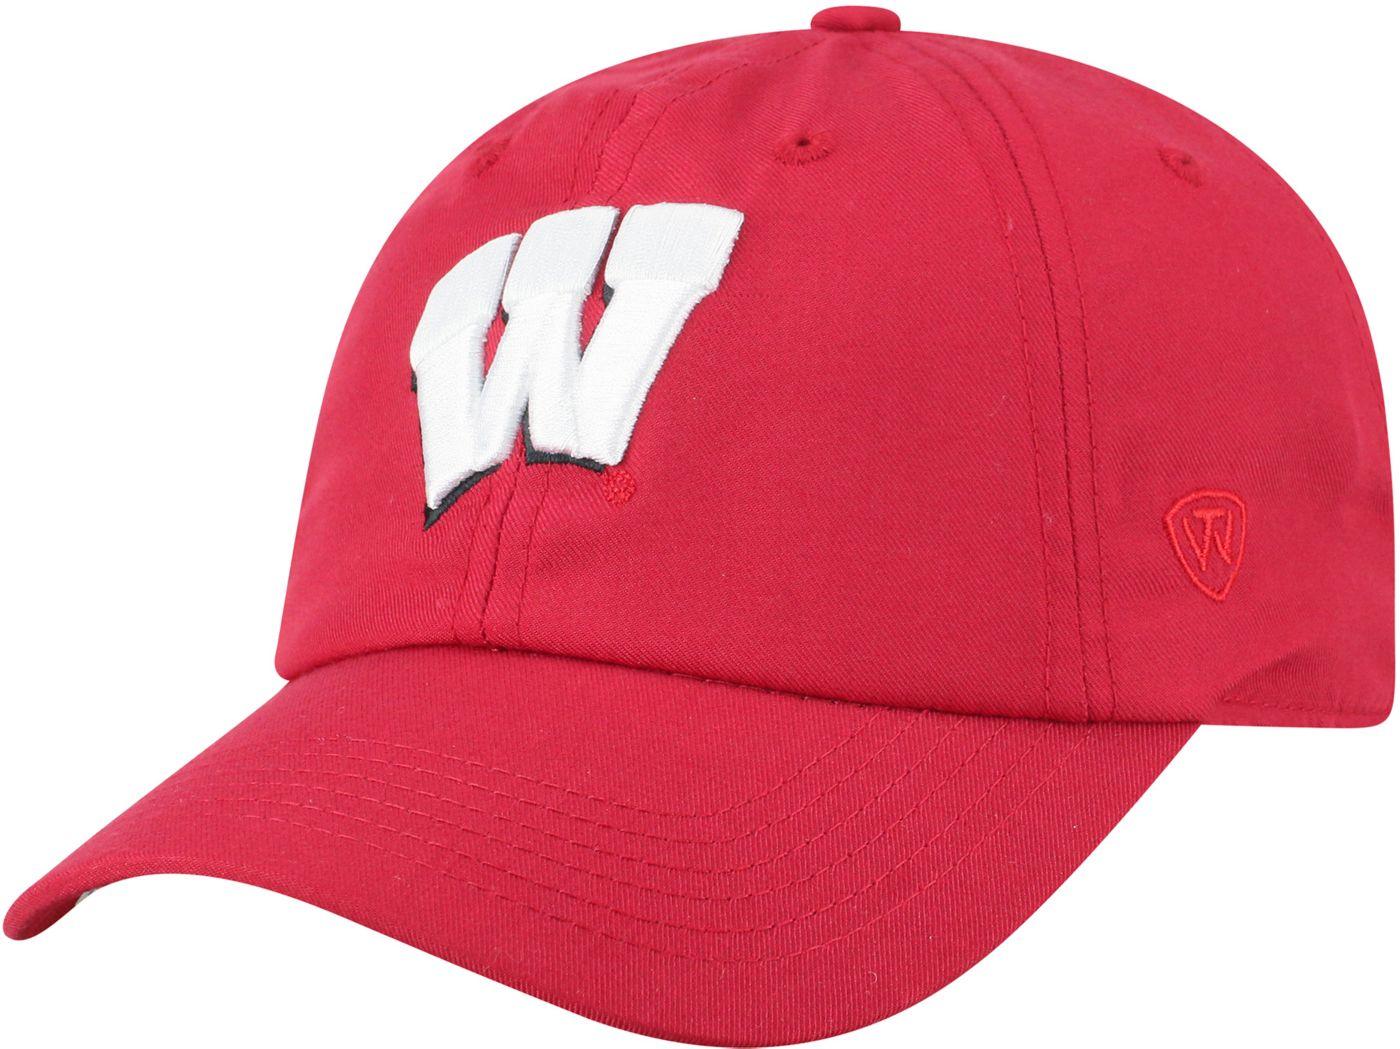 Top of the World Men's Wisconsin Badgers Red Staple Adjustable Hat